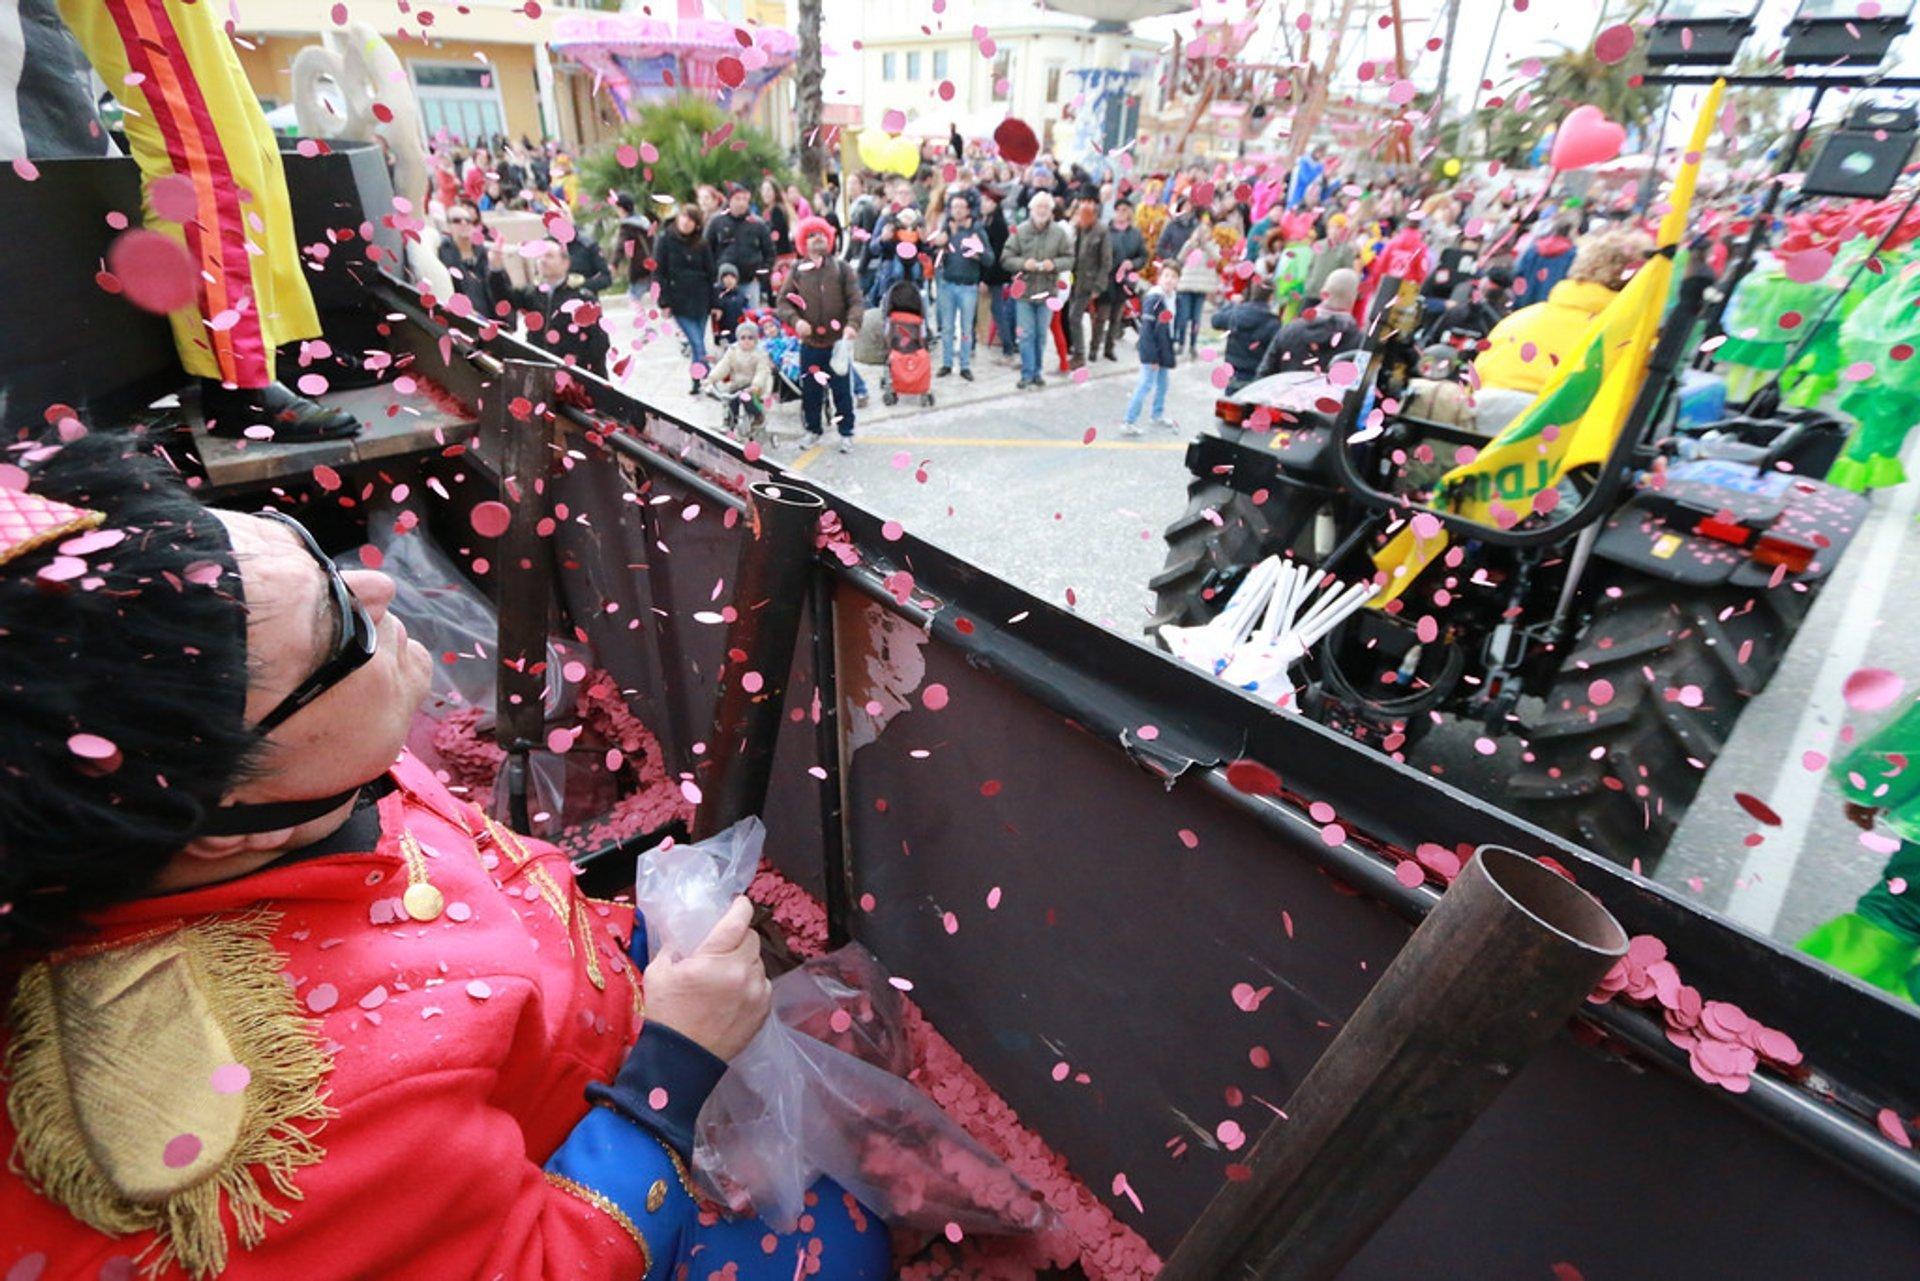 Viareggio Carnival Parade 2020